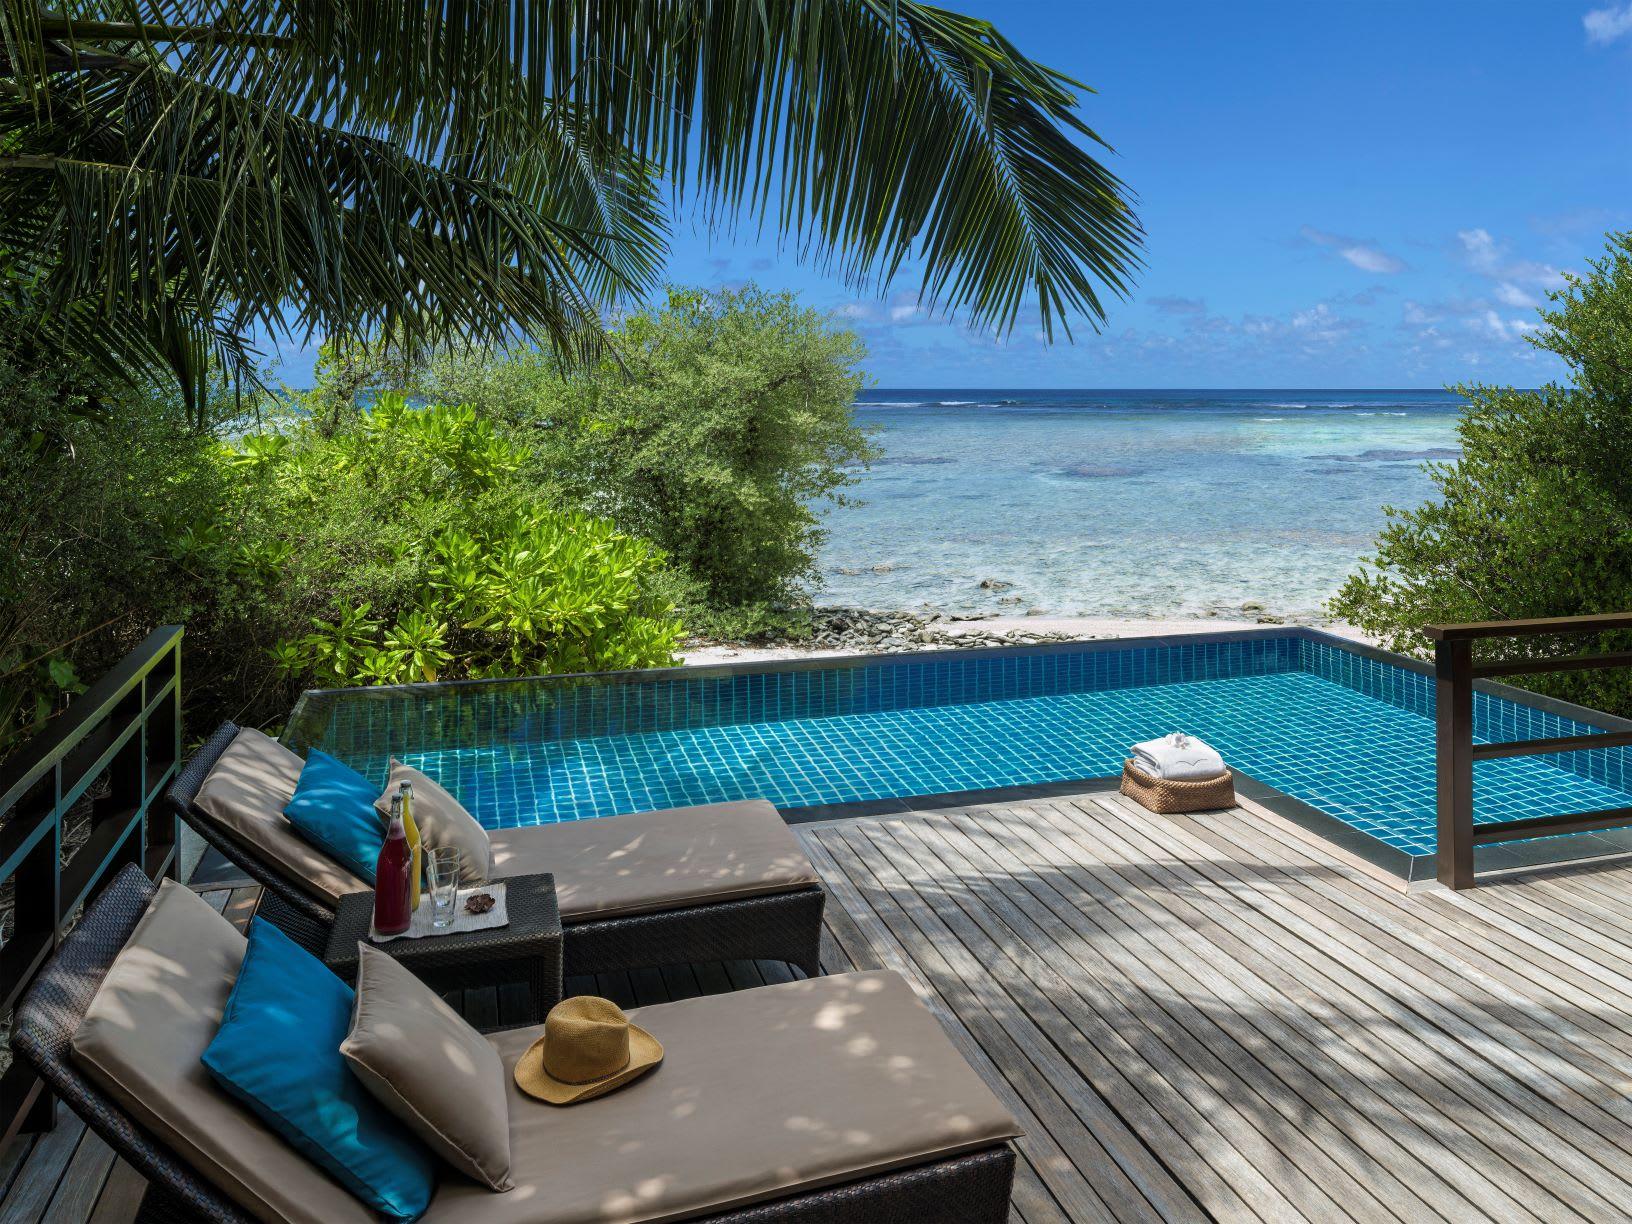 Pool Villa deck